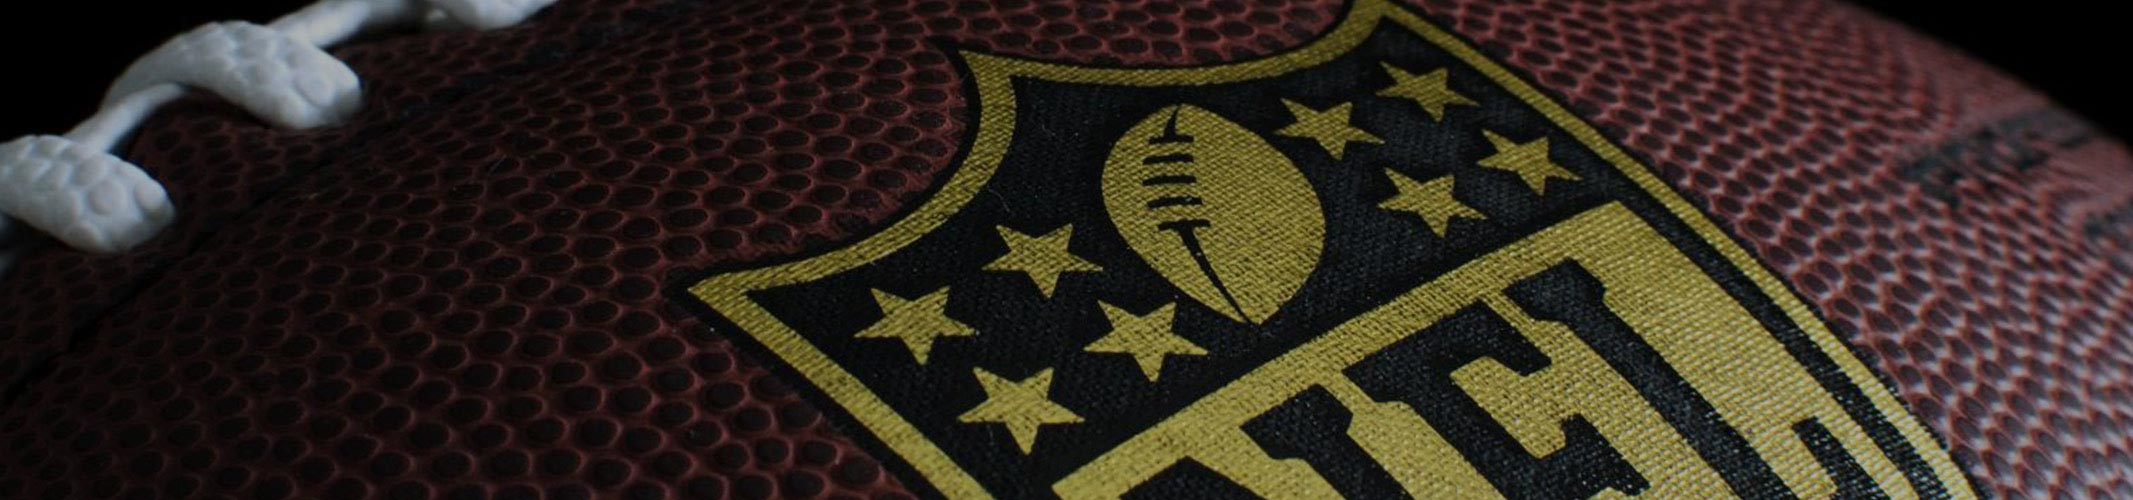 NFL at OWT